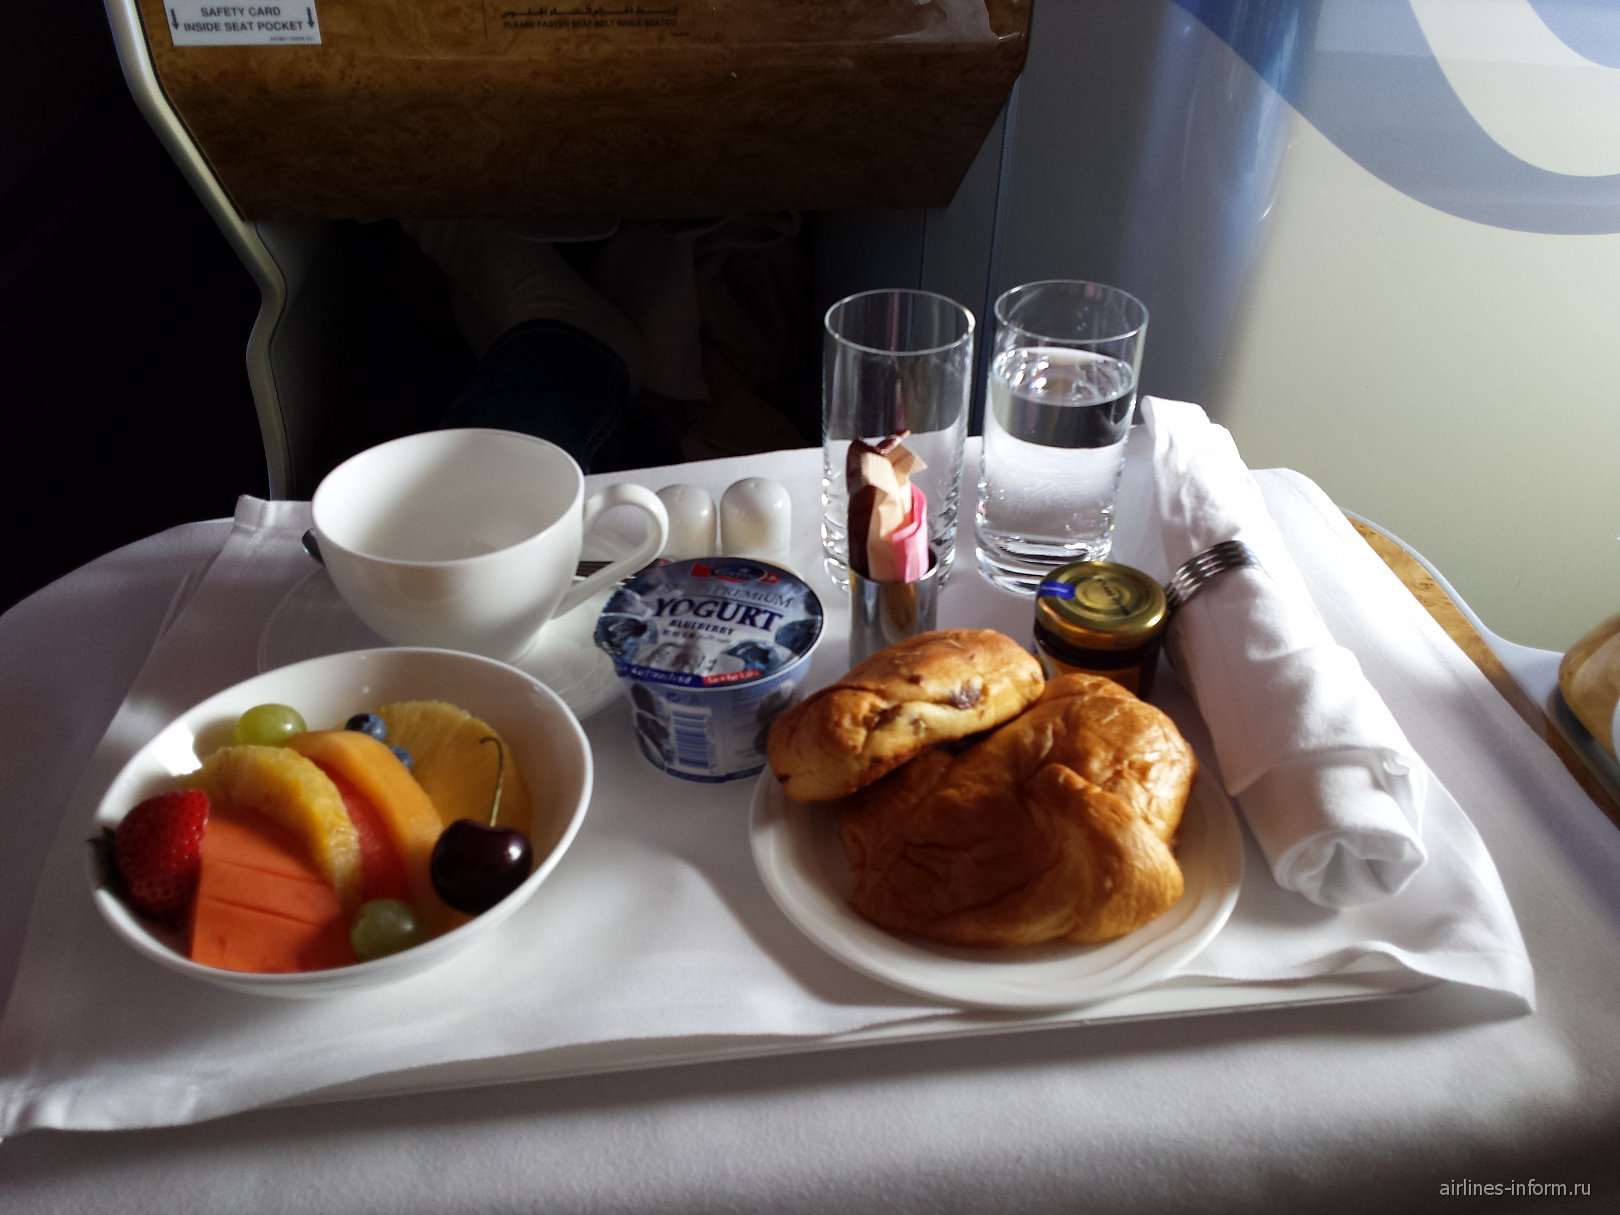 Завтрак в бизнес-классе на рейсе Дубай-Бангкок авиакомпании Emirates